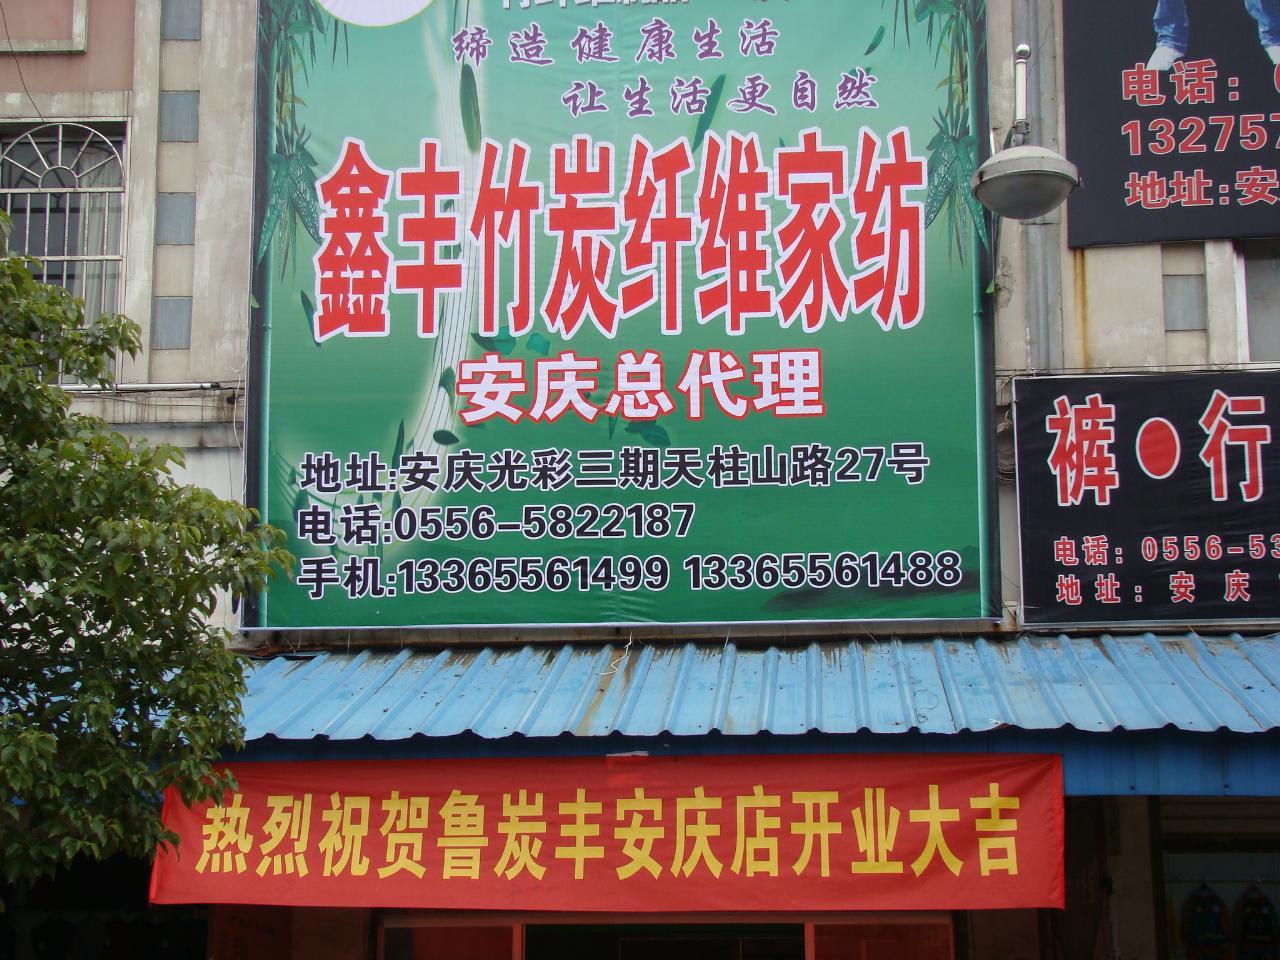 安庆鲁炭丰竹纤维日用品经销部诚招八县代理